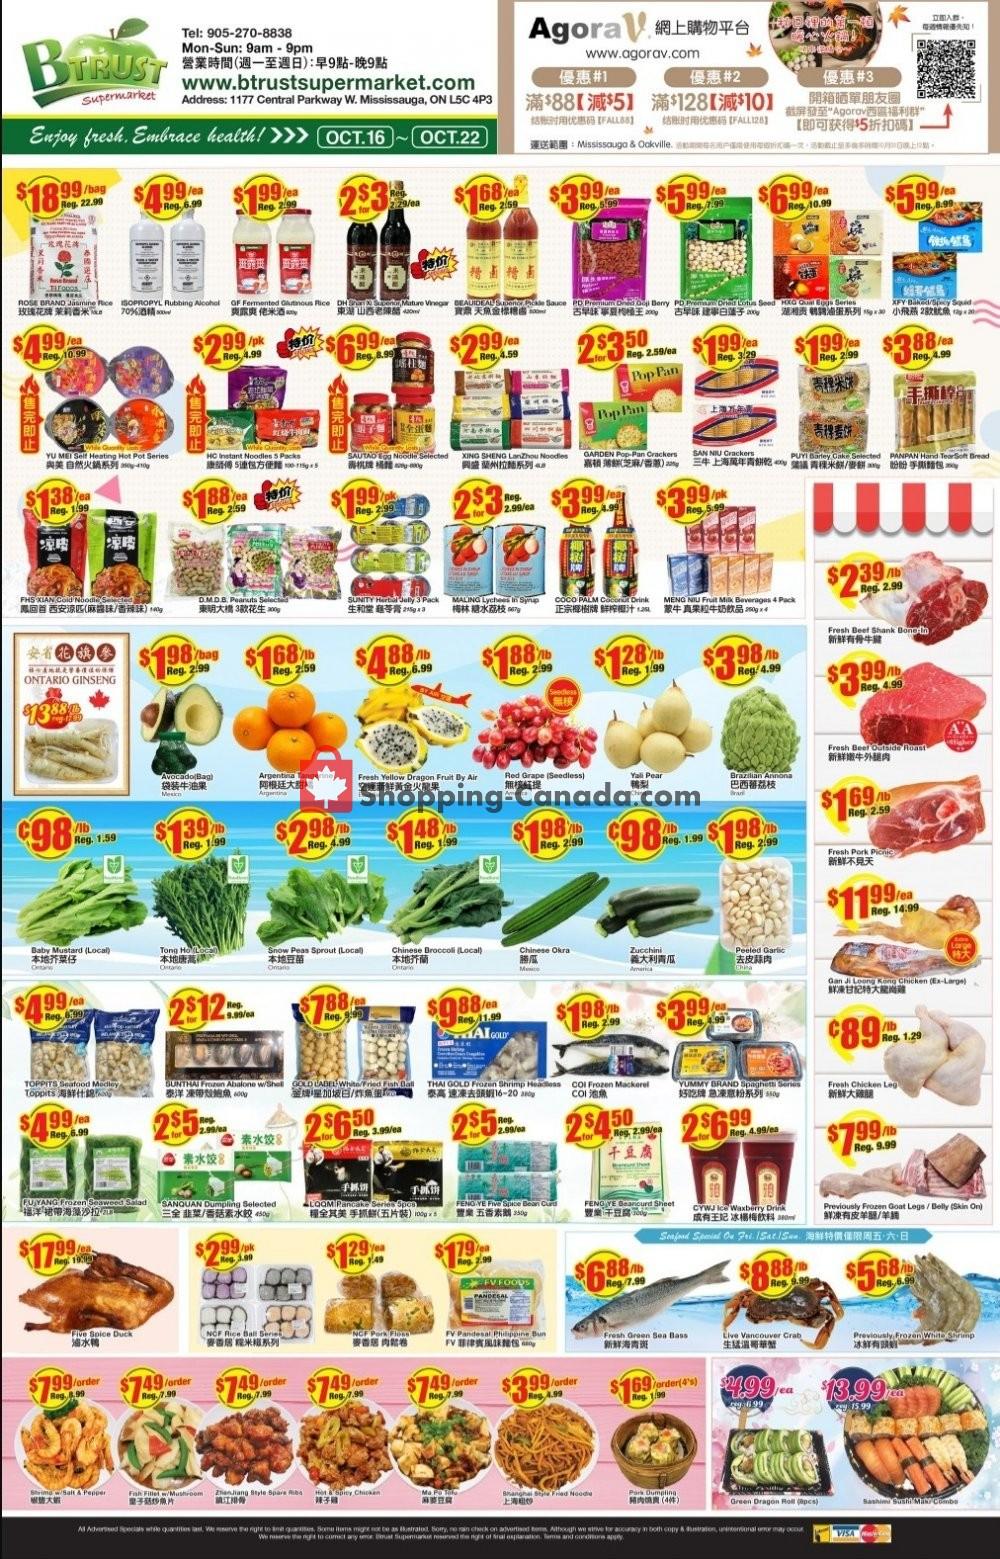 Flyer Btrust Supermarket Canada - from Friday October 16, 2020 to Thursday October 22, 2020